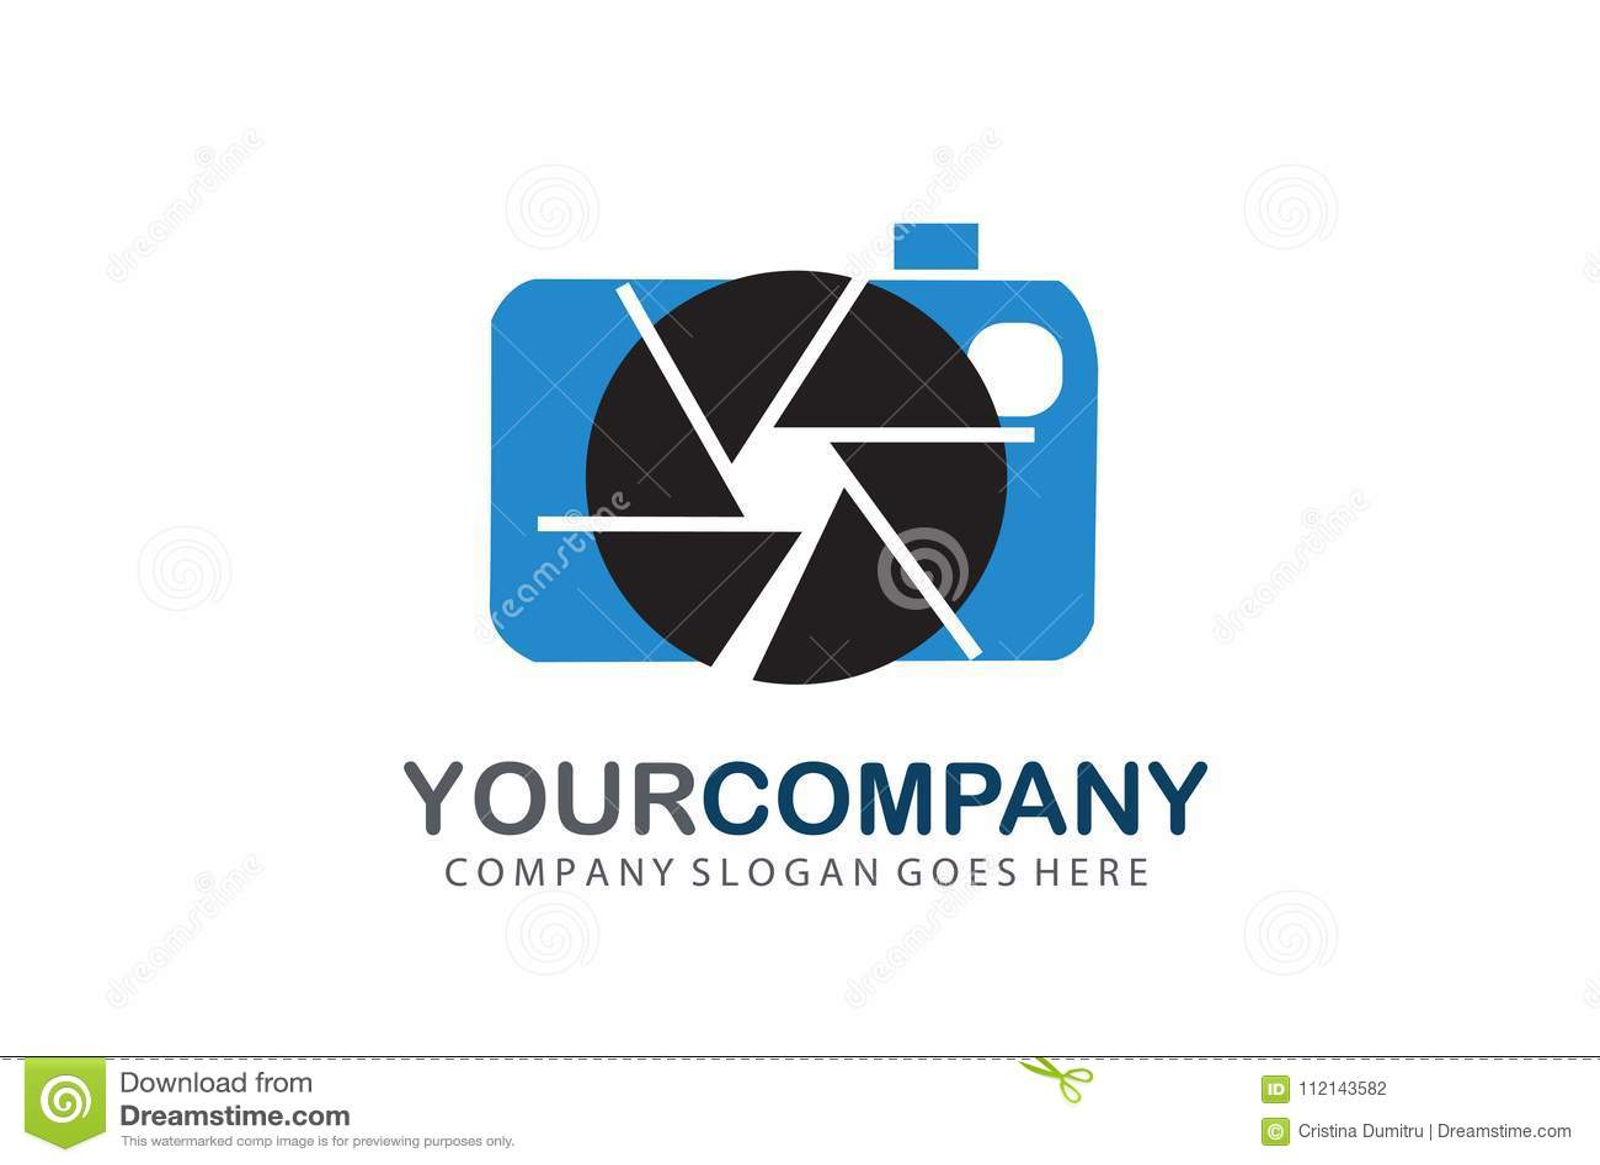 Camera logo aperture designotographer logo element stock vector camera logo aperture designotographer logo element pooptronica Images